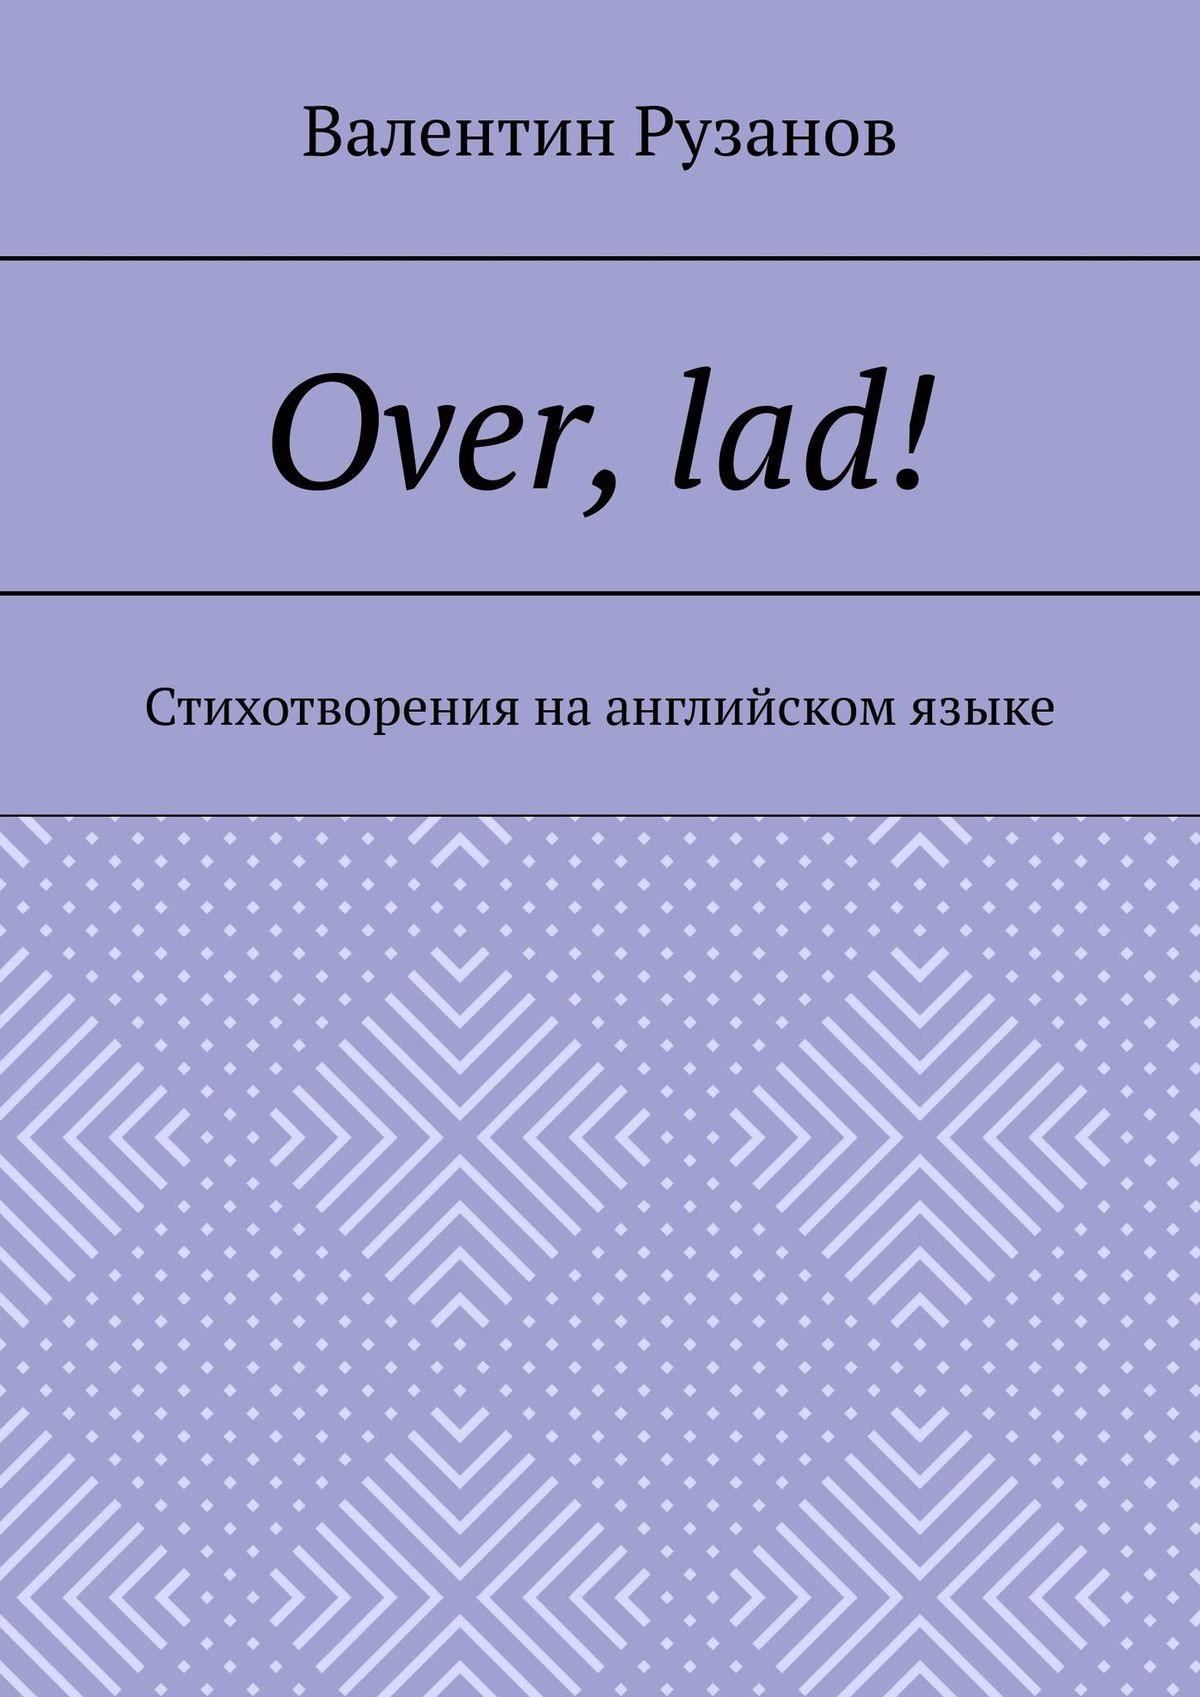 Фото - Валентин Рузанов Over, lad! Стихотворения наанглийском языке real madrid zalgiris kaunas